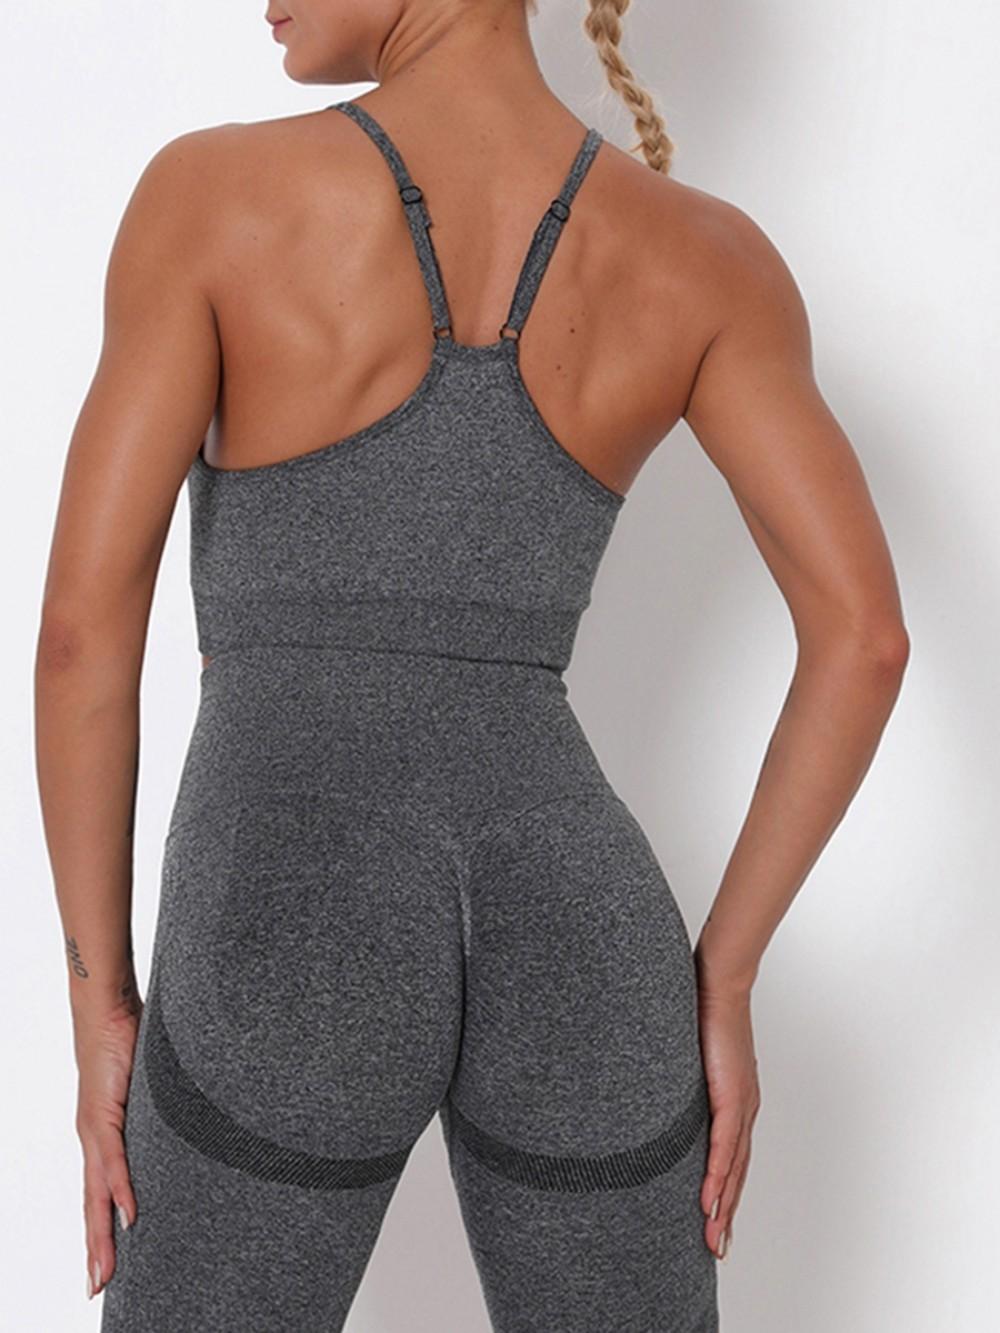 Dark Gray Slender Strap Wide Waistband Sports Online Wholesale